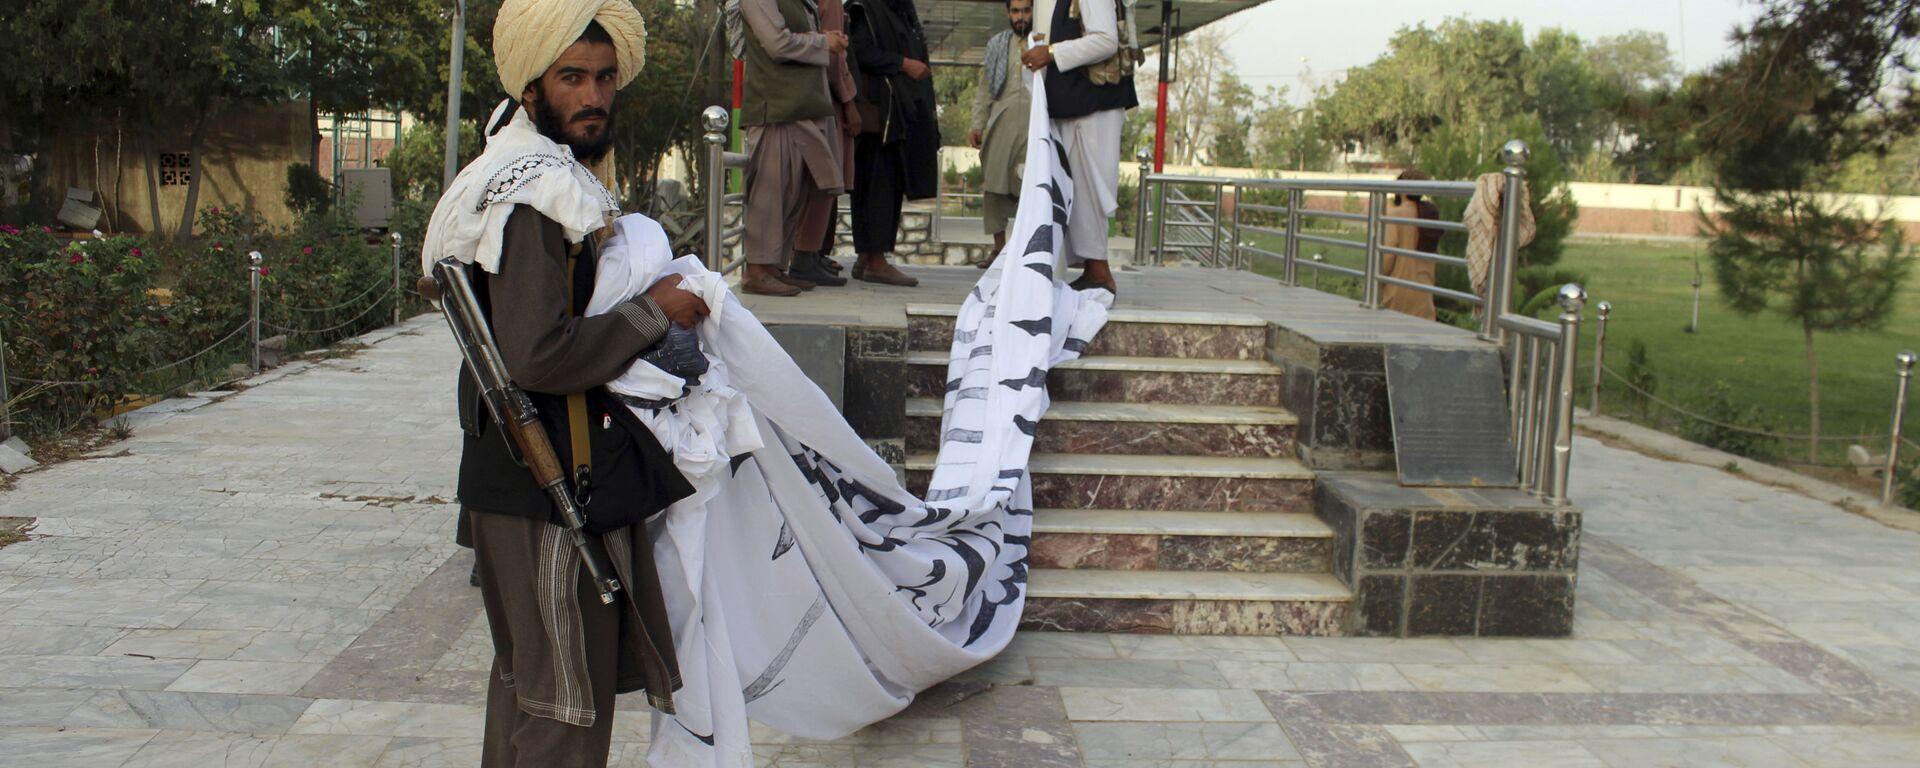 Боевики Талибан* поднимают свой флаг в городе Газни  - Sputnik Узбекистан, 1920, 18.08.2021